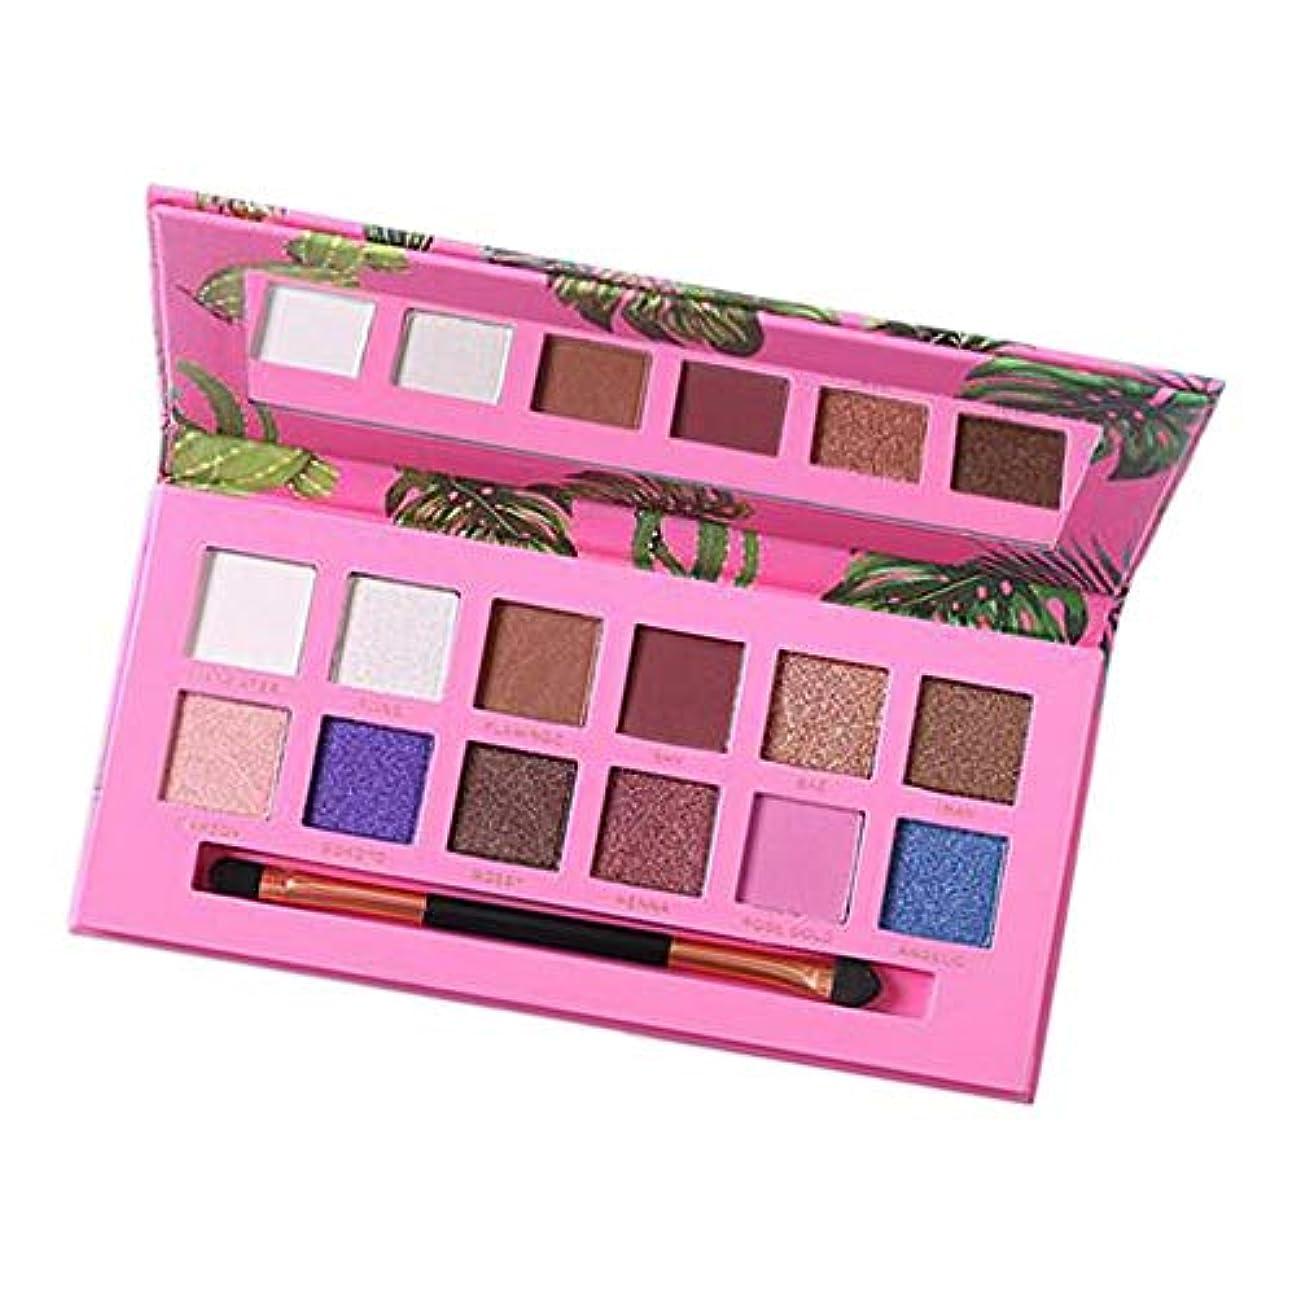 パーティー湿った社会科アイシャドウ パレット 12色 メイク メイクアップ アイメイク キラキラ 全2色 - ピンク